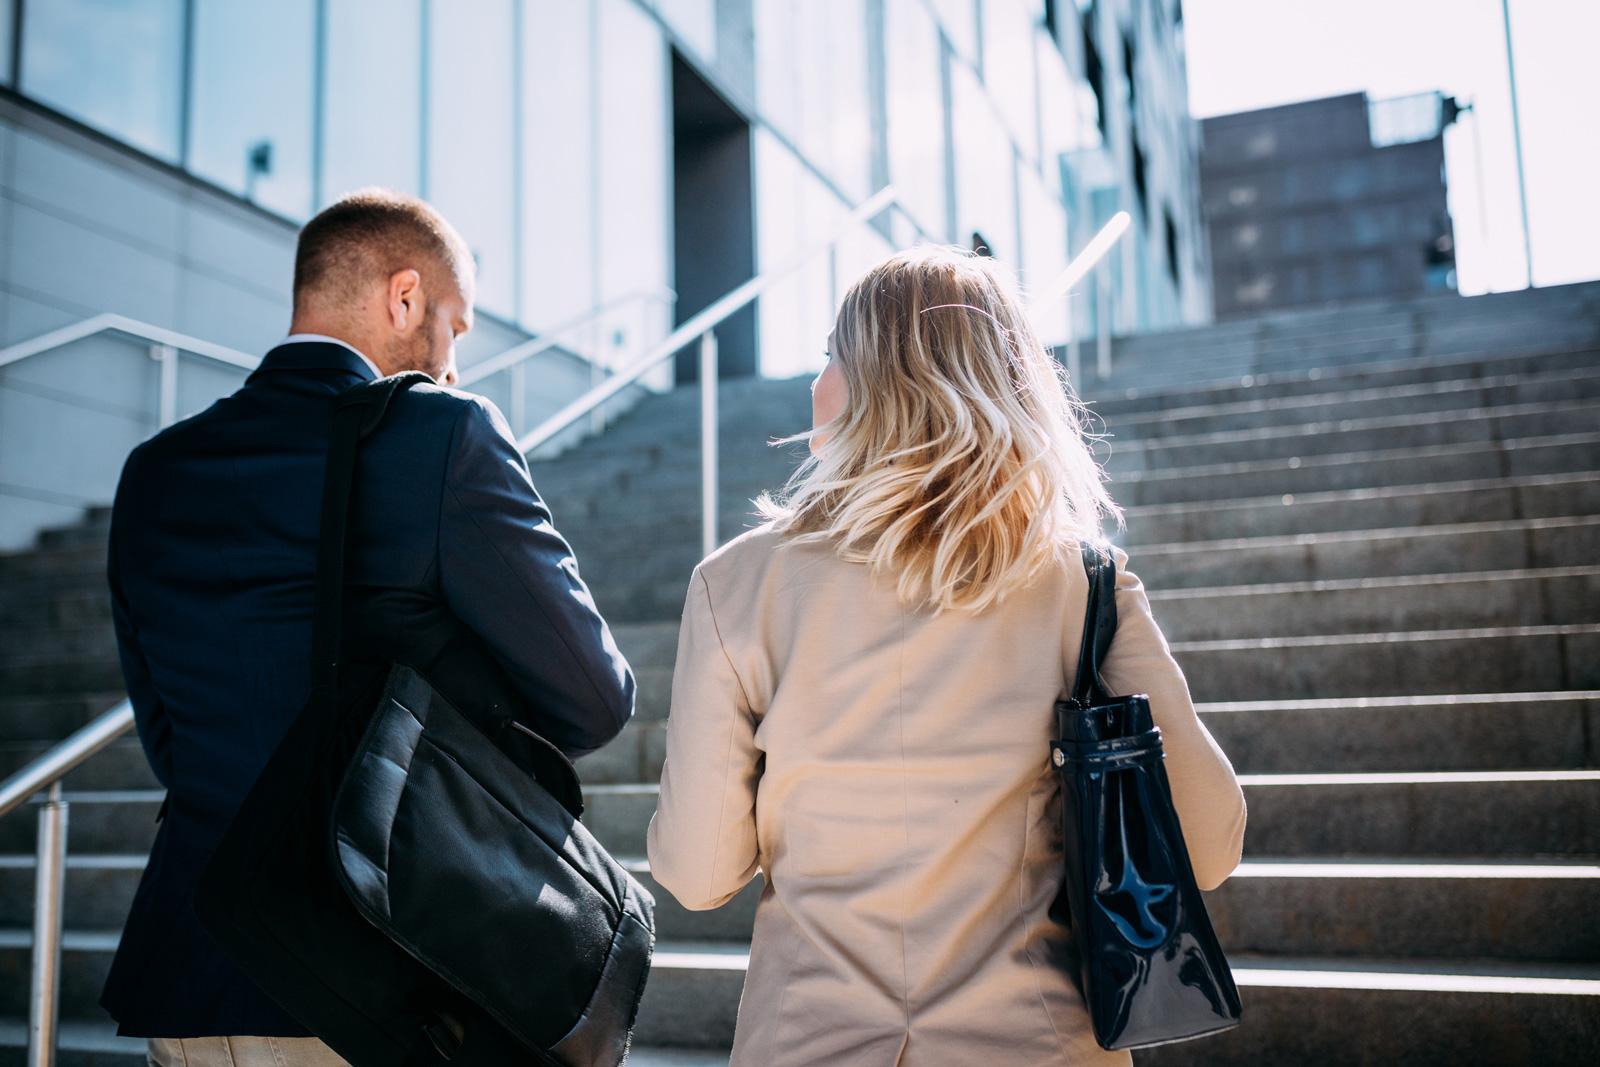 Netzwerk stärken durch persönliche Kontakte zu Kollegen